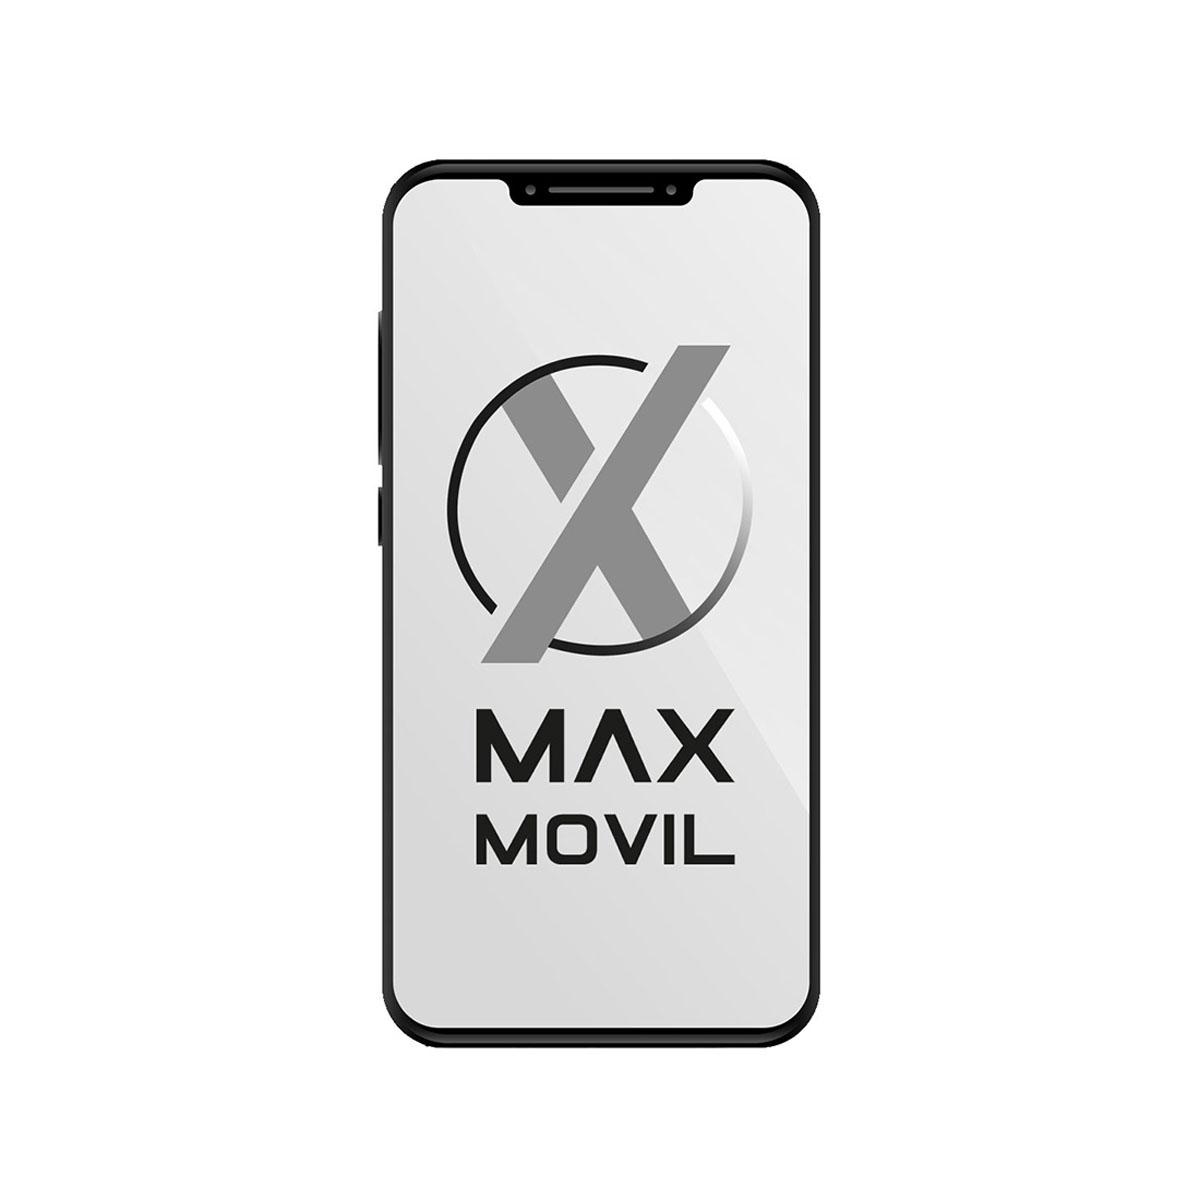 Telefono movil Iphone X 64Gb space grey CPO ECORECICLADO GRADO A